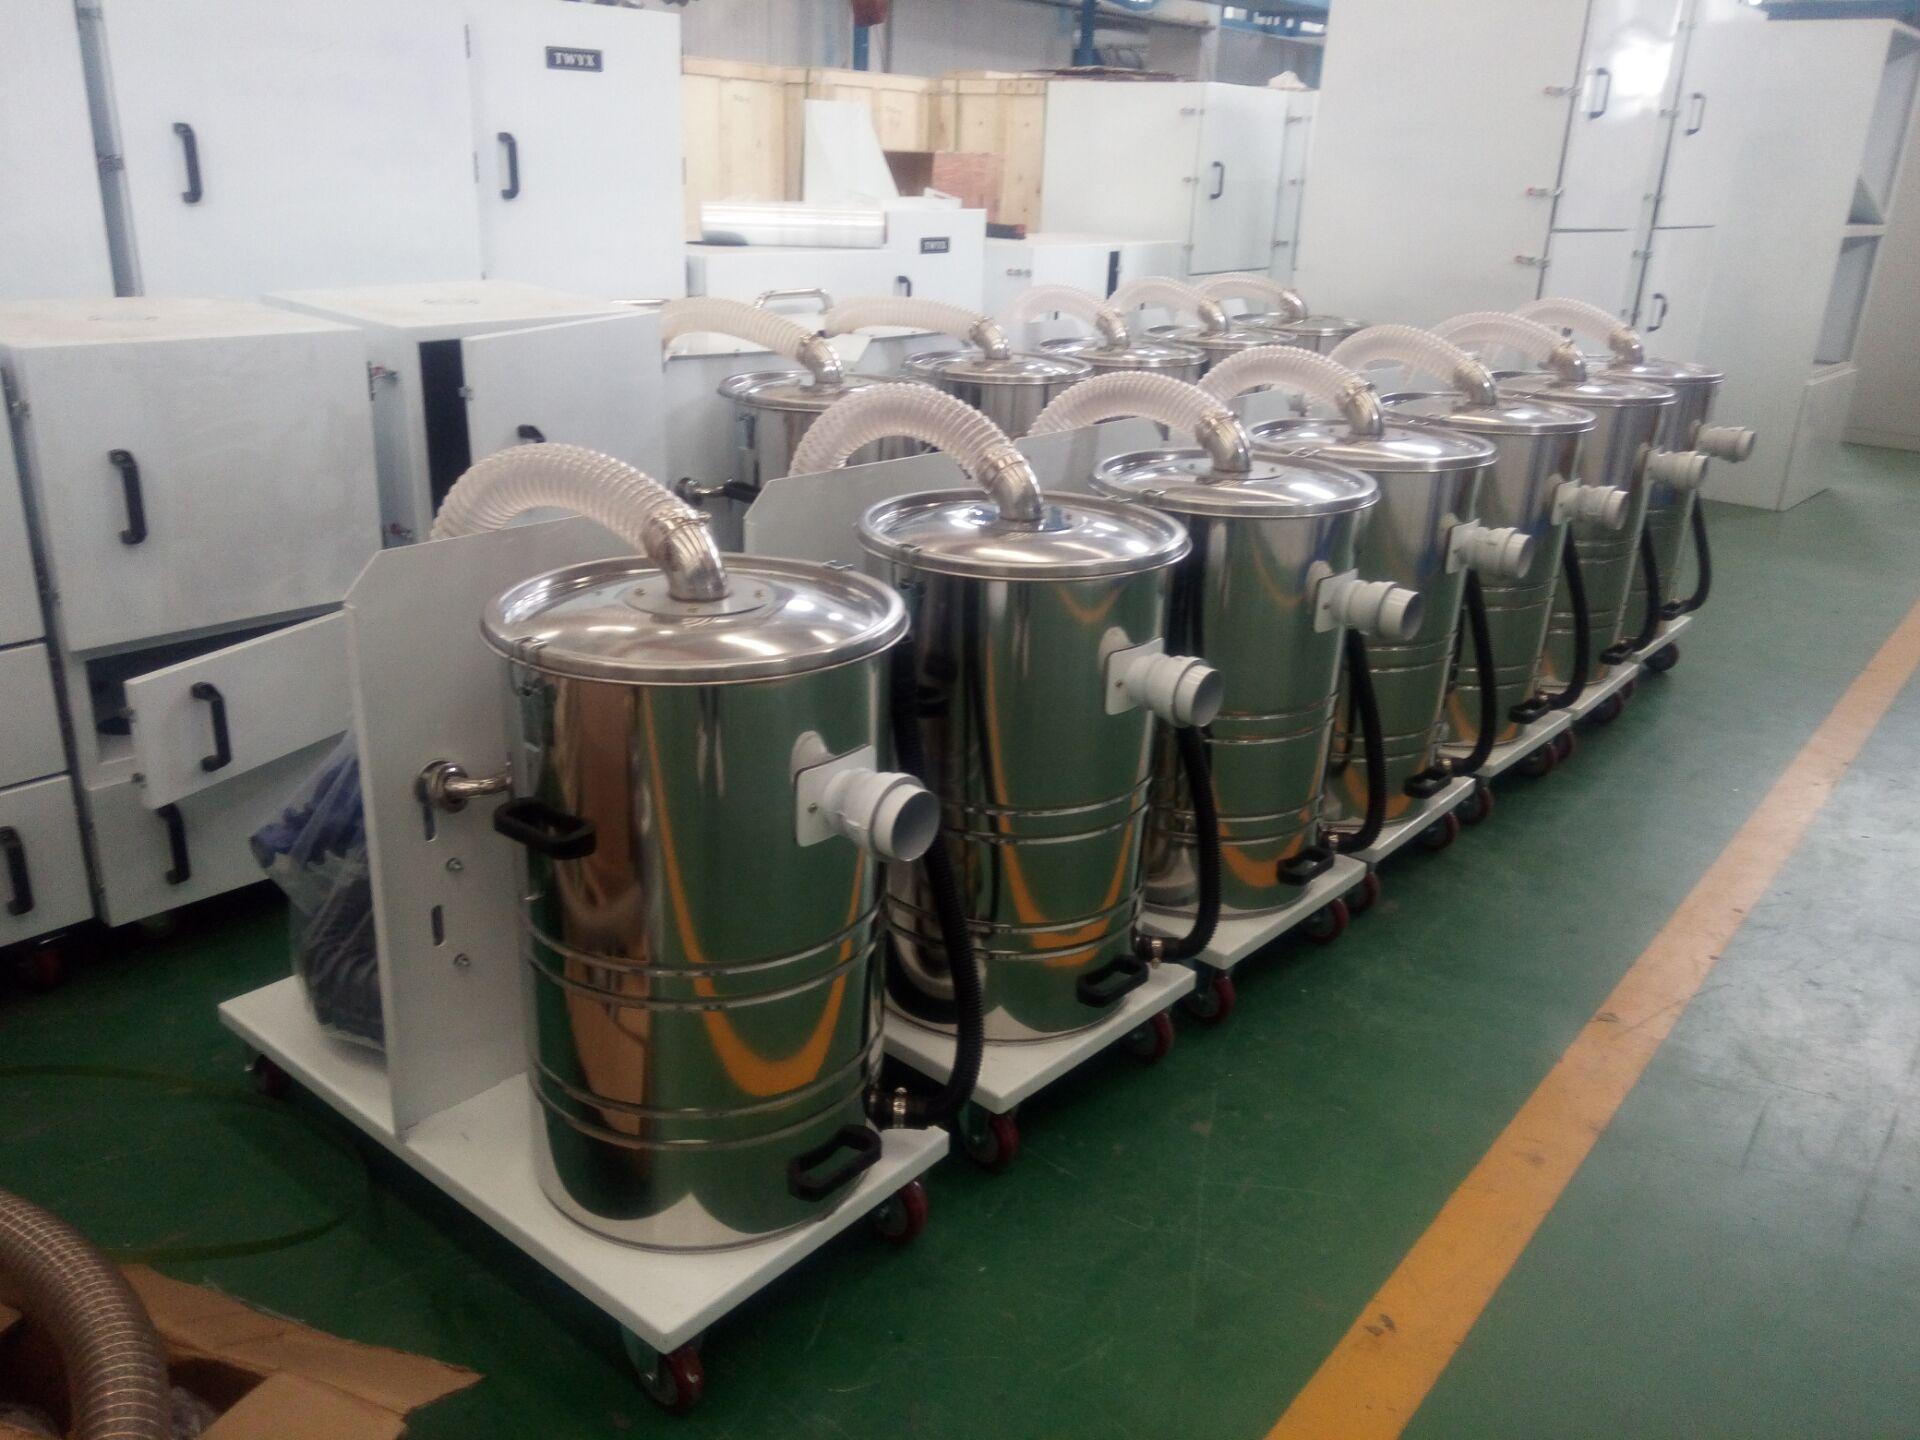 生产厂家直销工业移动式吸尘器 集尘机 固定式吸尘器 双桶吸尘器示例图16